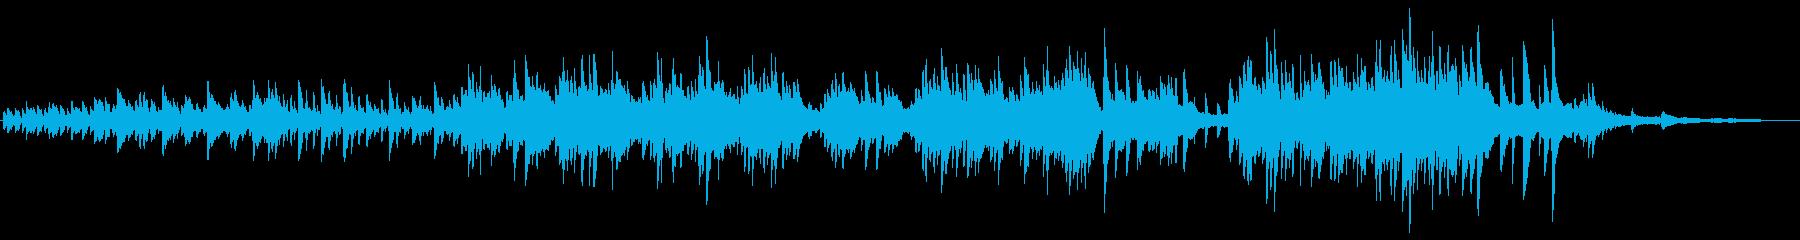 心温まるピアノ曲の再生済みの波形